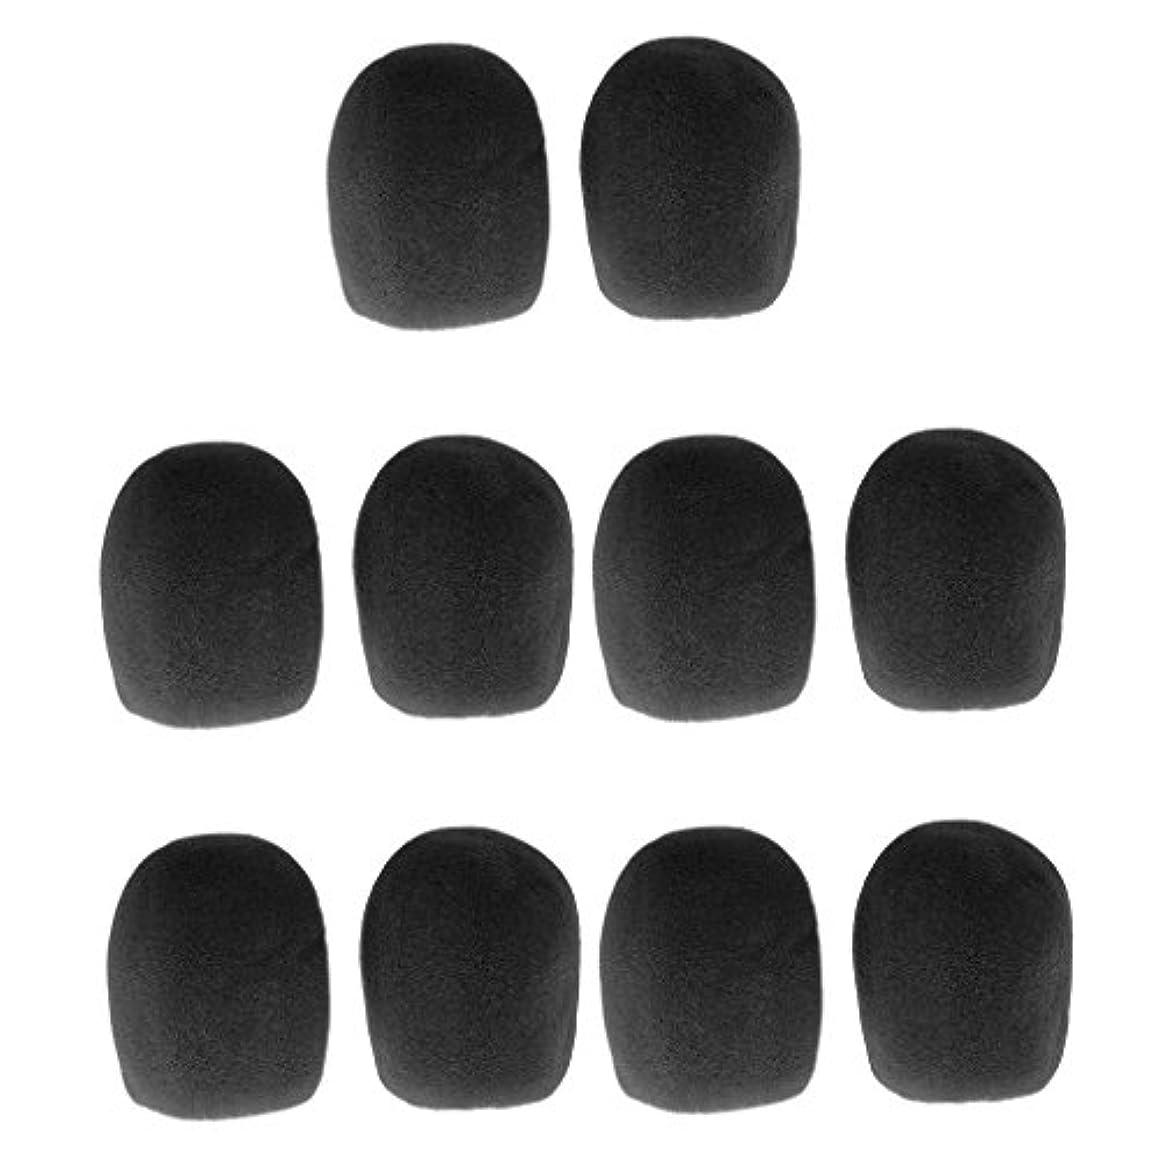 半島用語集エレメンタルgazechimp マイク風防 ウインドスクリーン 通気性 マイクパーツ 全5色 - 黒